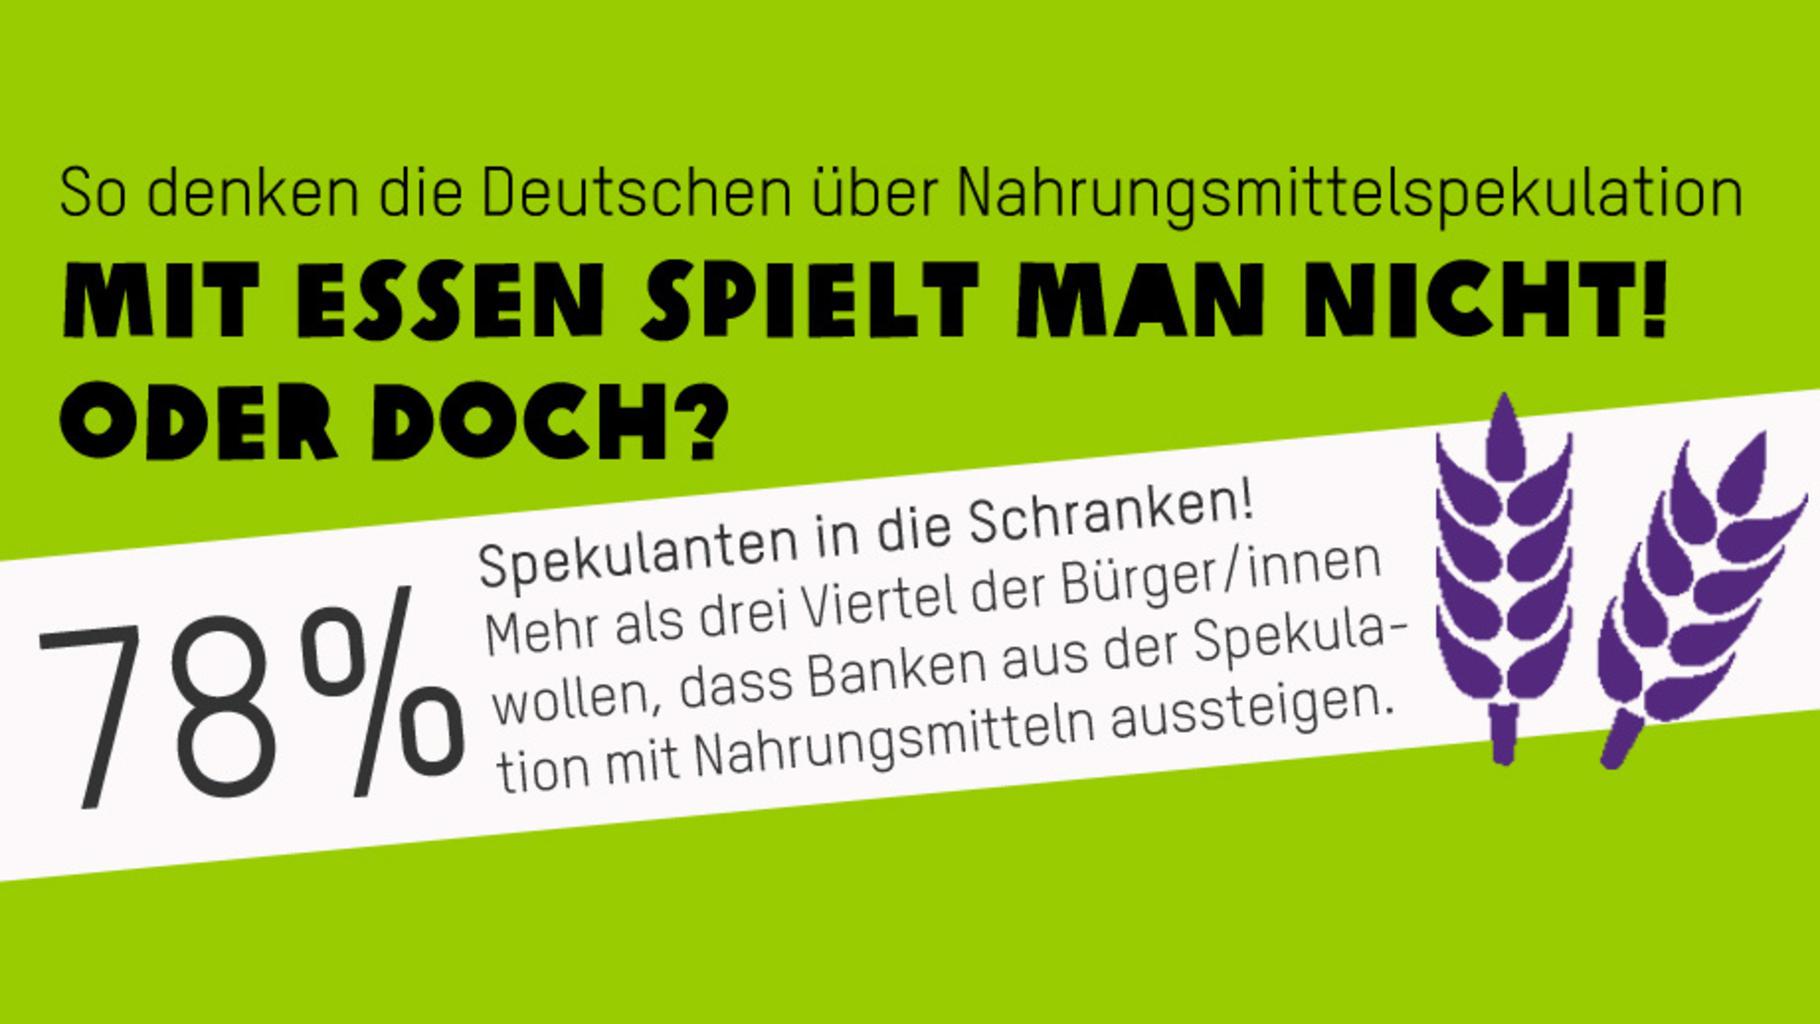 78 Prozent der Deutschen wollen Ausstieg aus Nahrungsmittelspekulation